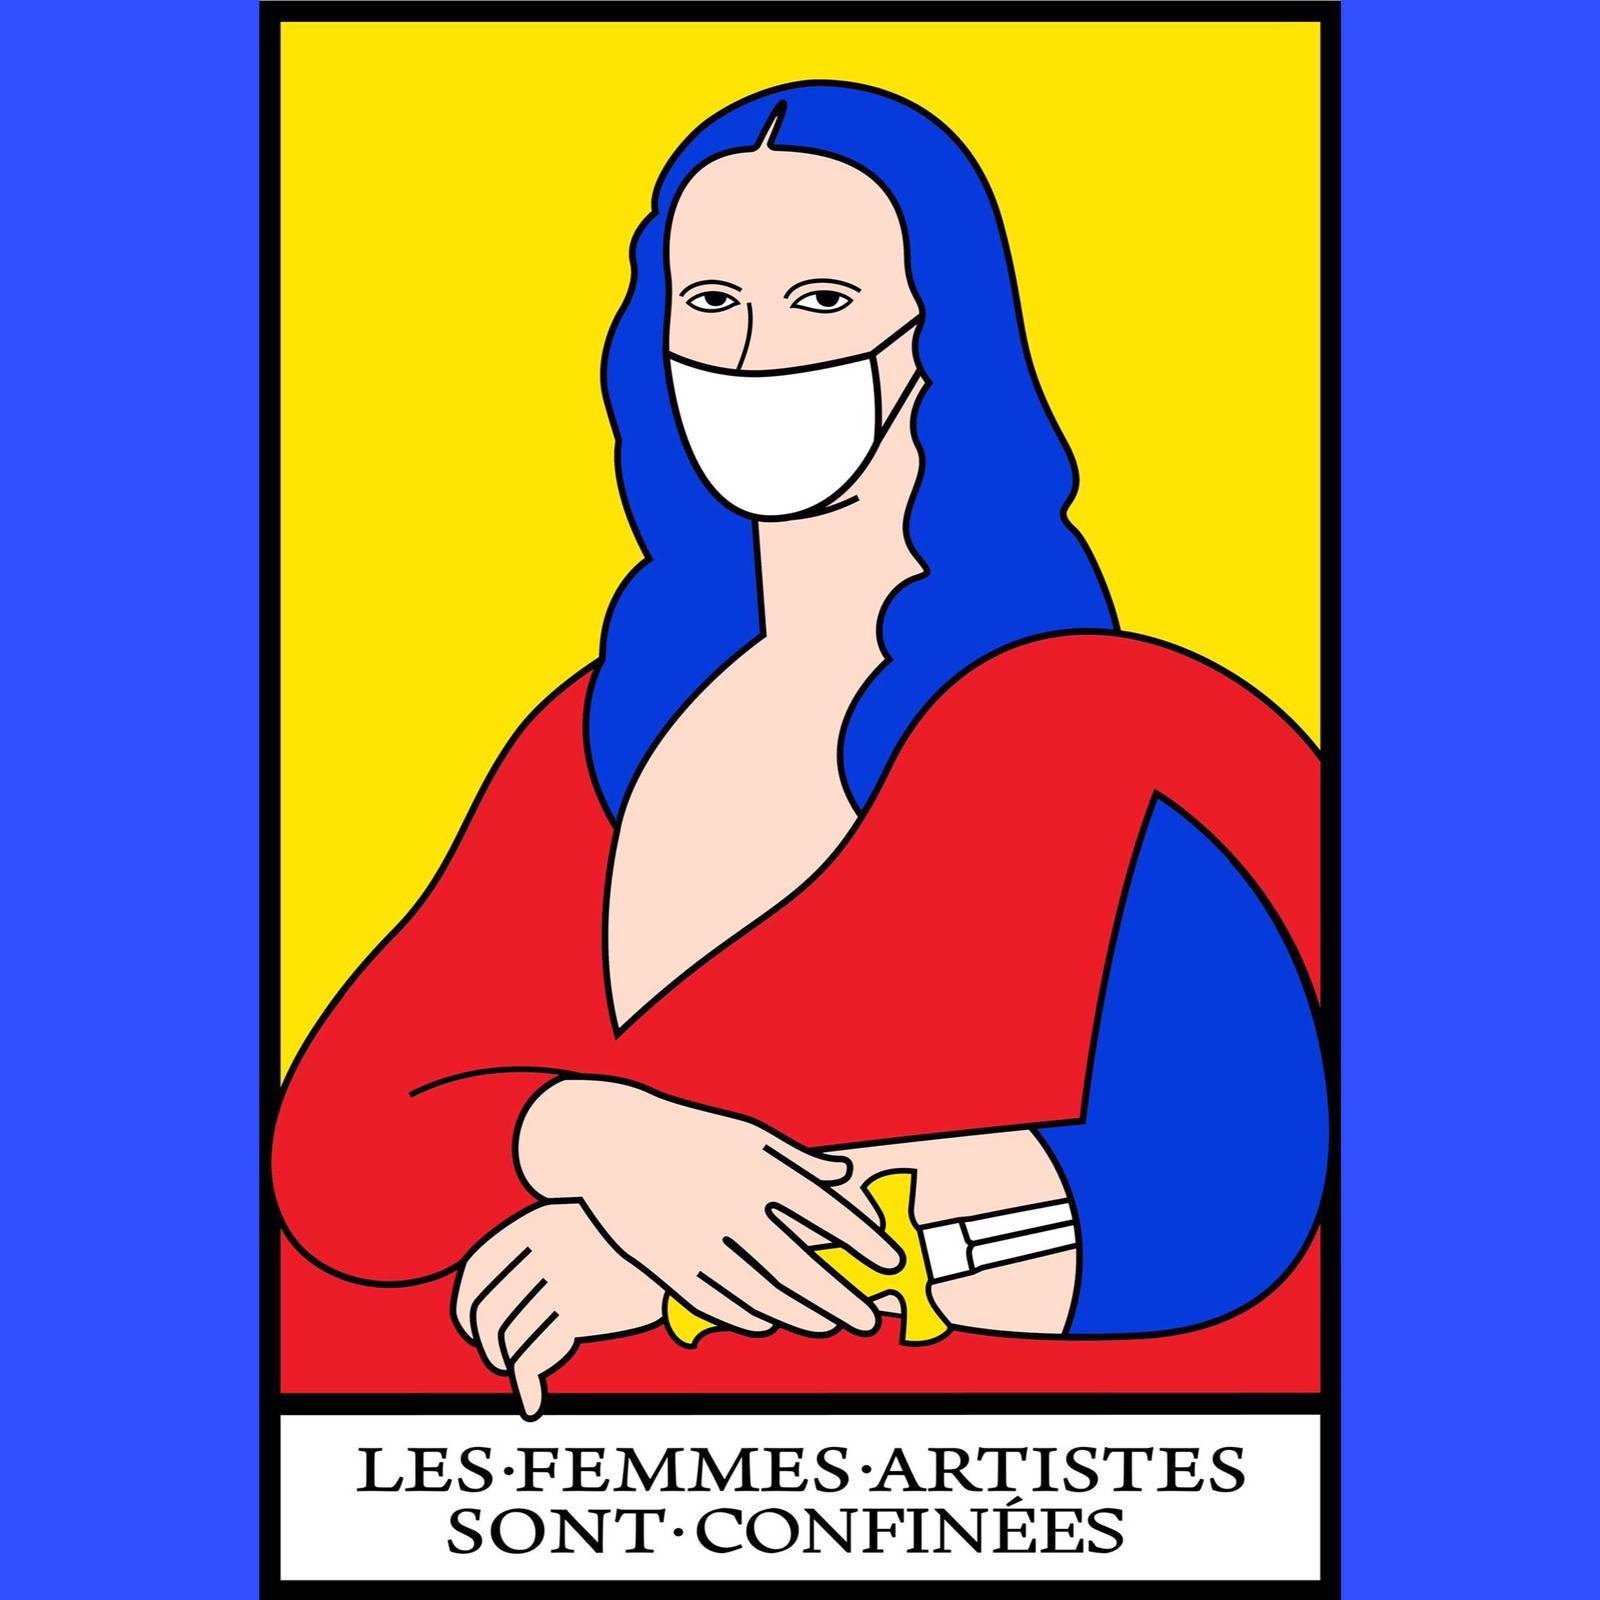 Les Femmes Artistes sont Confinées : Zoé Chadeau